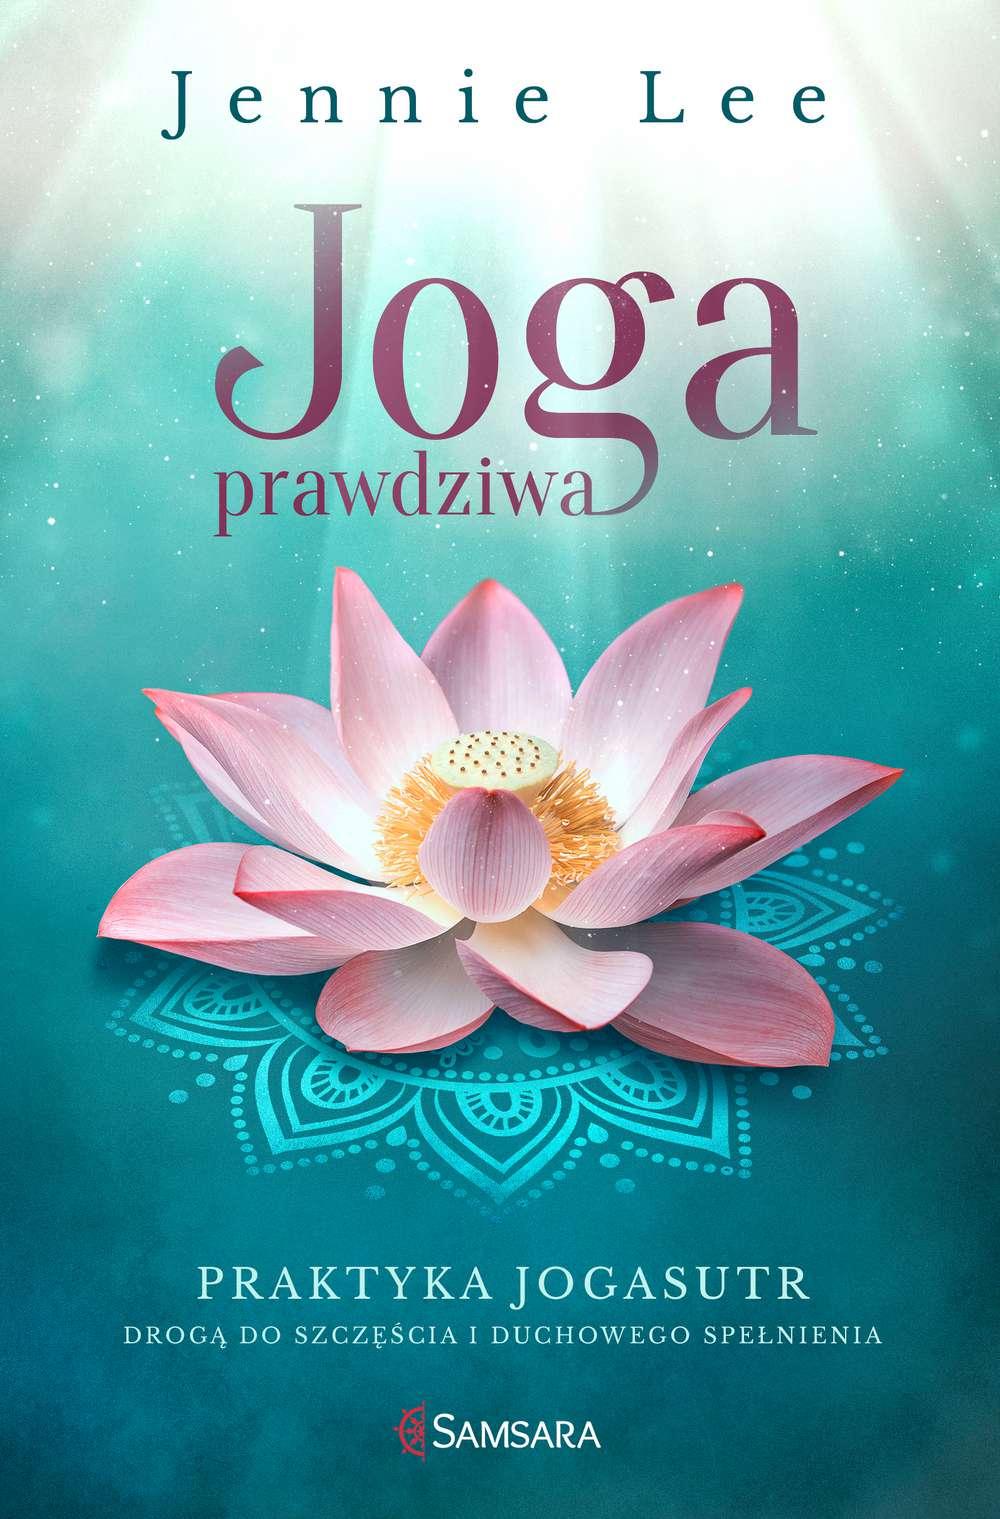 Joga prawdziwa. Praktyka Jogasutr drogą do szczęścia i duchowego spełnienia - Ebook (Książka EPUB) do pobrania w formacie EPUB